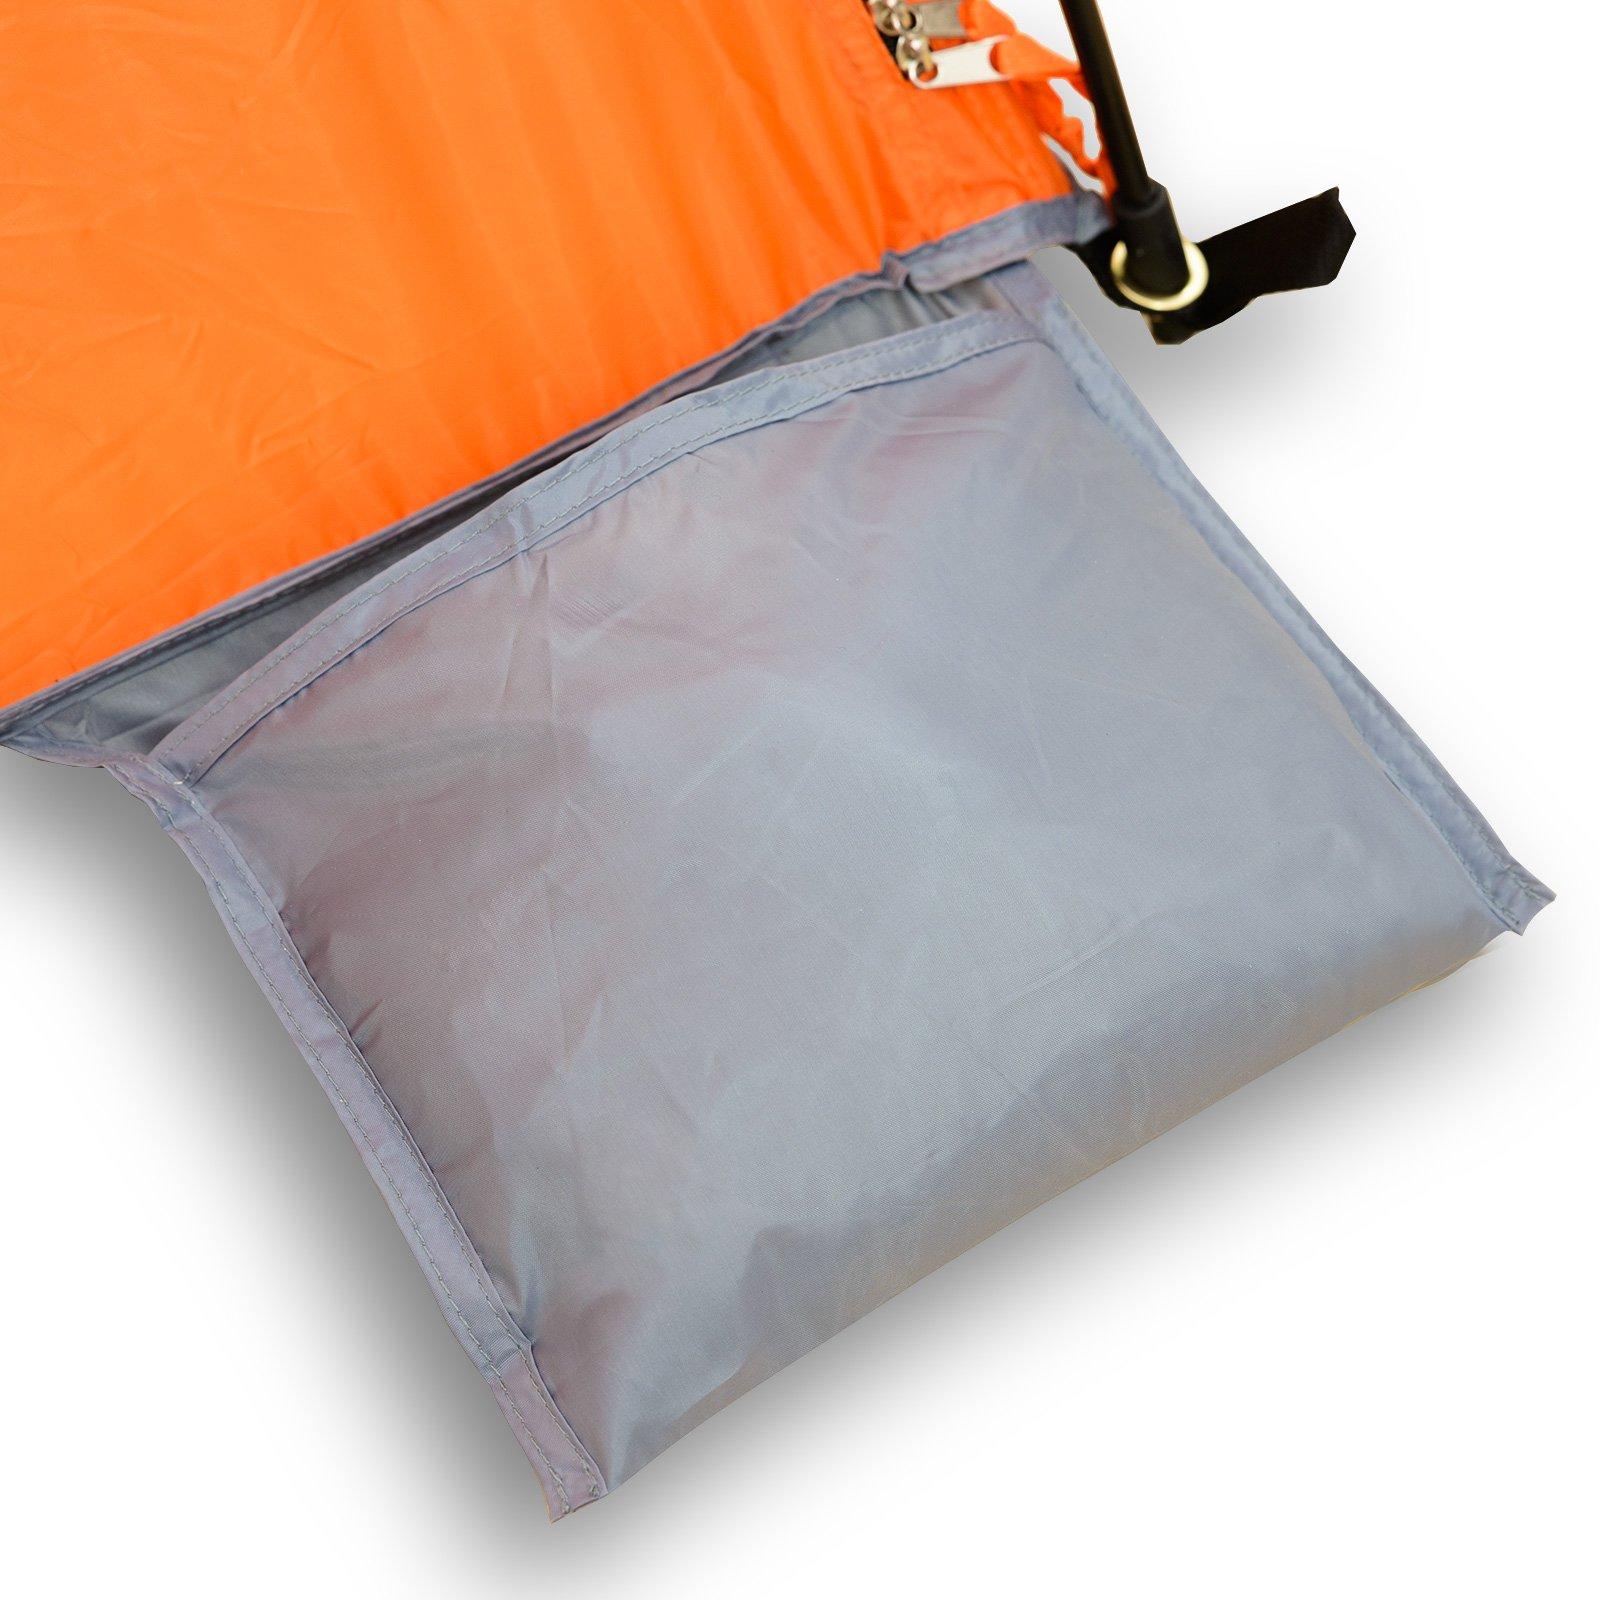 Qeedo Strandmuschel Quick Palm mit UV-Schutz UV80 nach UV-Standard 801 schnell aufzubauender Sonnenschutz - kleines Packma/ß